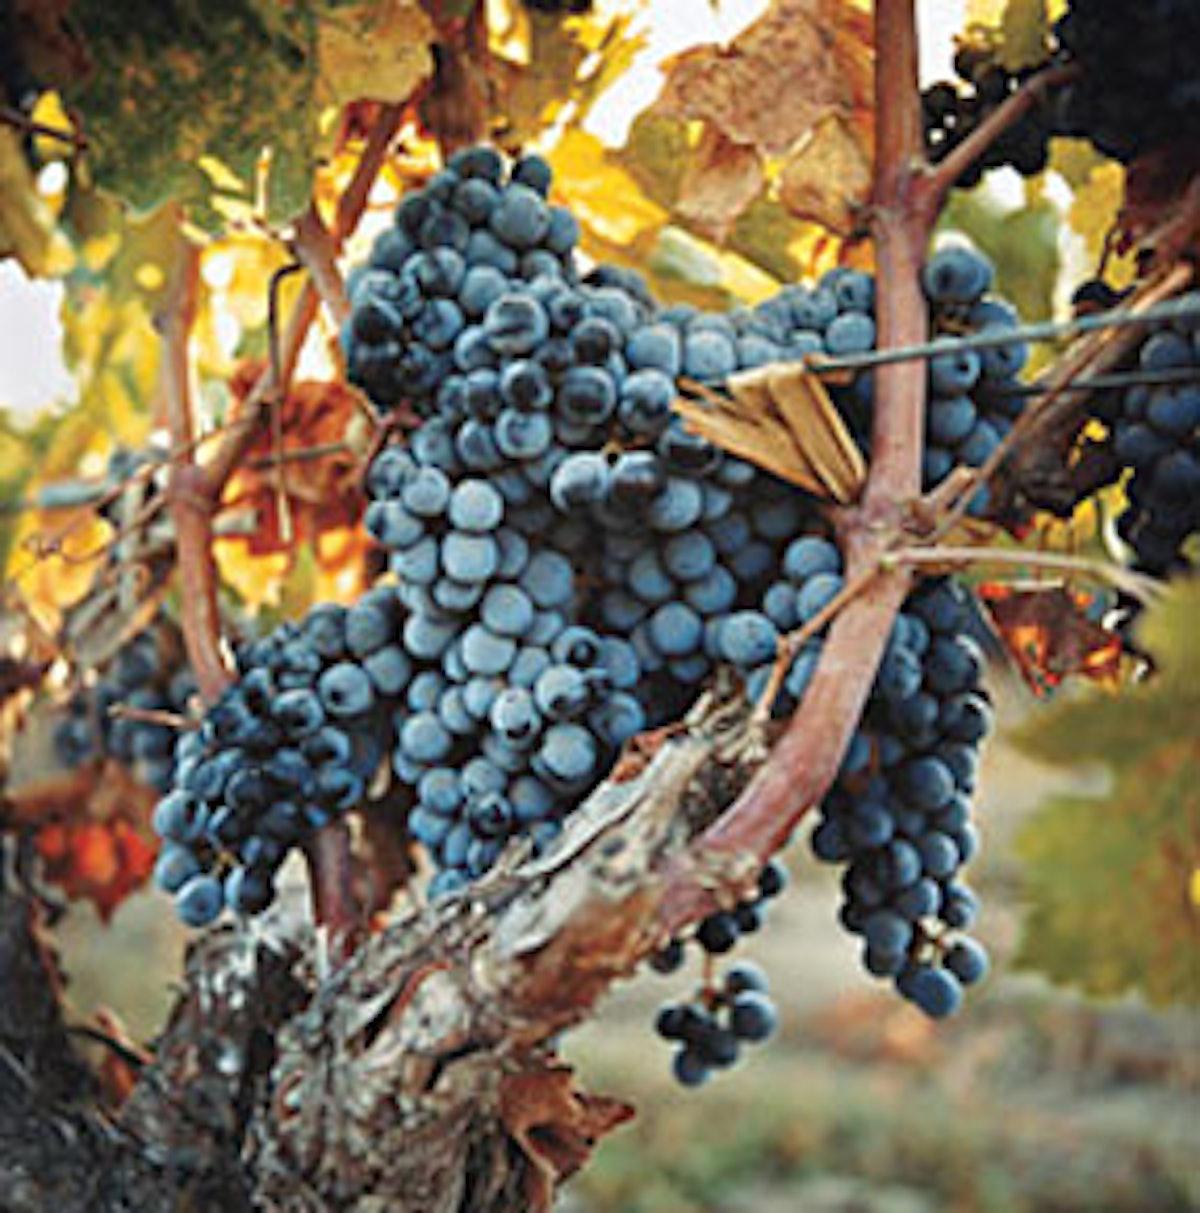 trar_wines_02.jpg